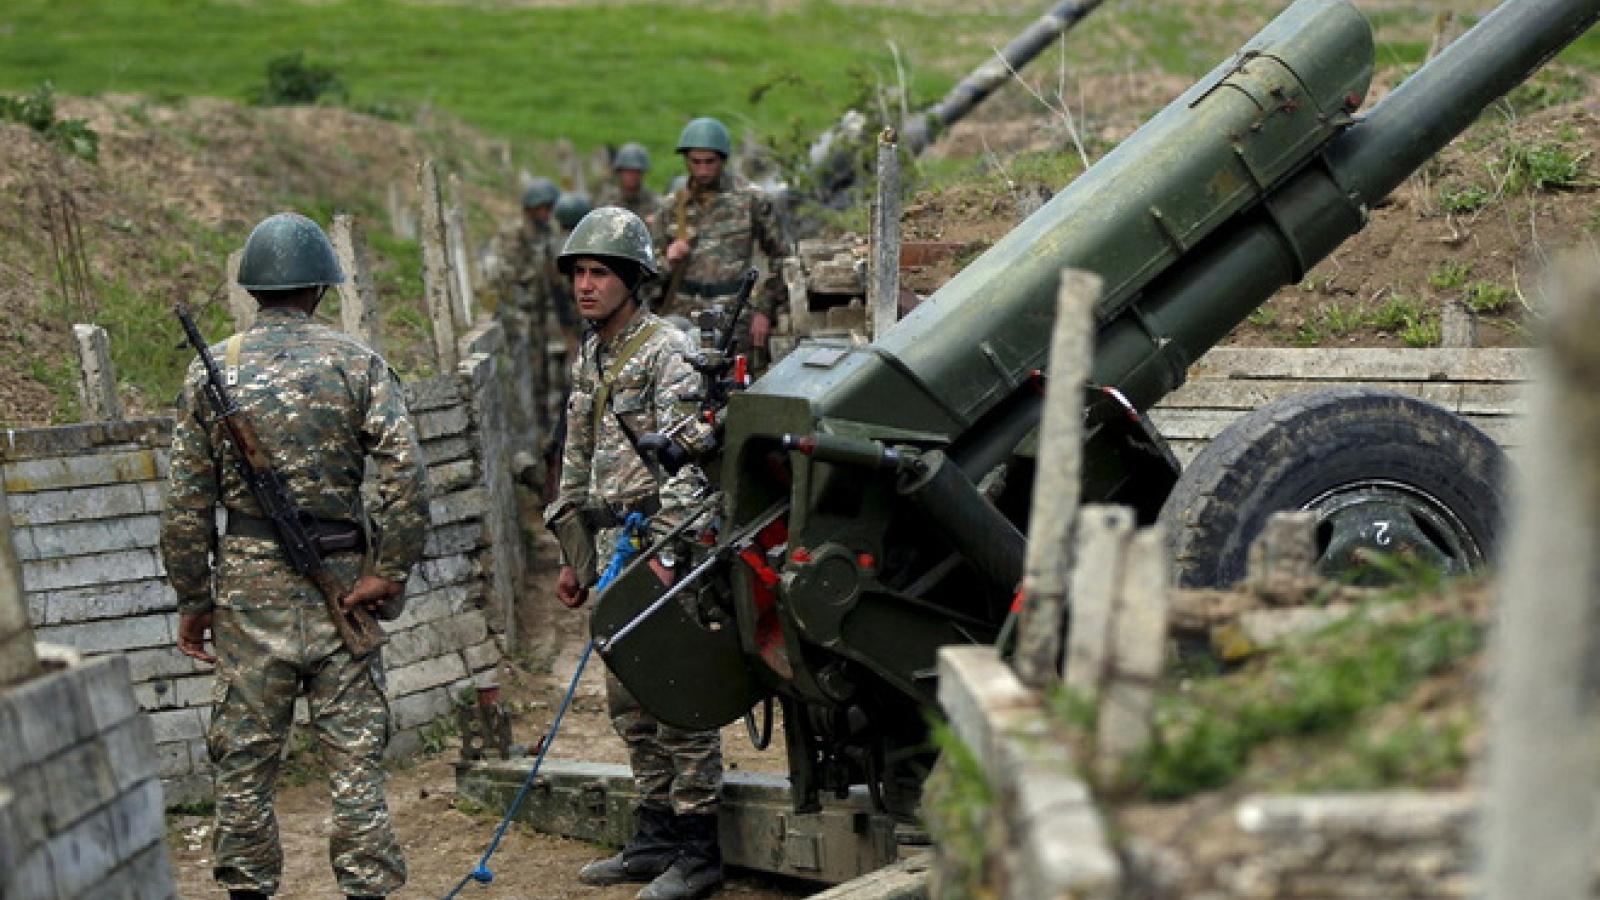 Liên Hợp Quốc lên án các vụ tấn công nhằm vào khu vực dân cư Nagorno-Karabakh